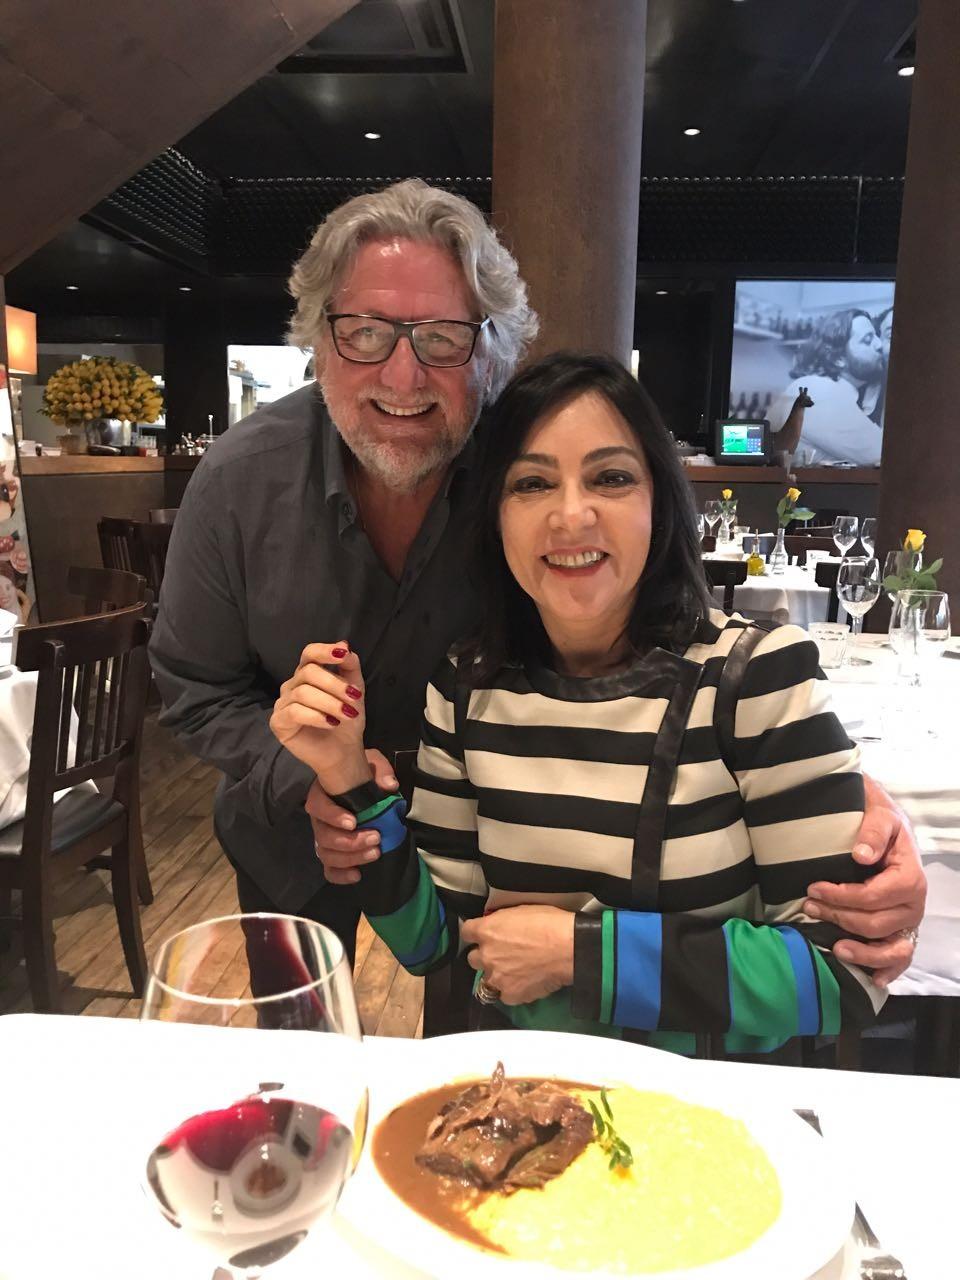 Dicas de restaurante italiano em Pinheiros, indicado como um dos melhores